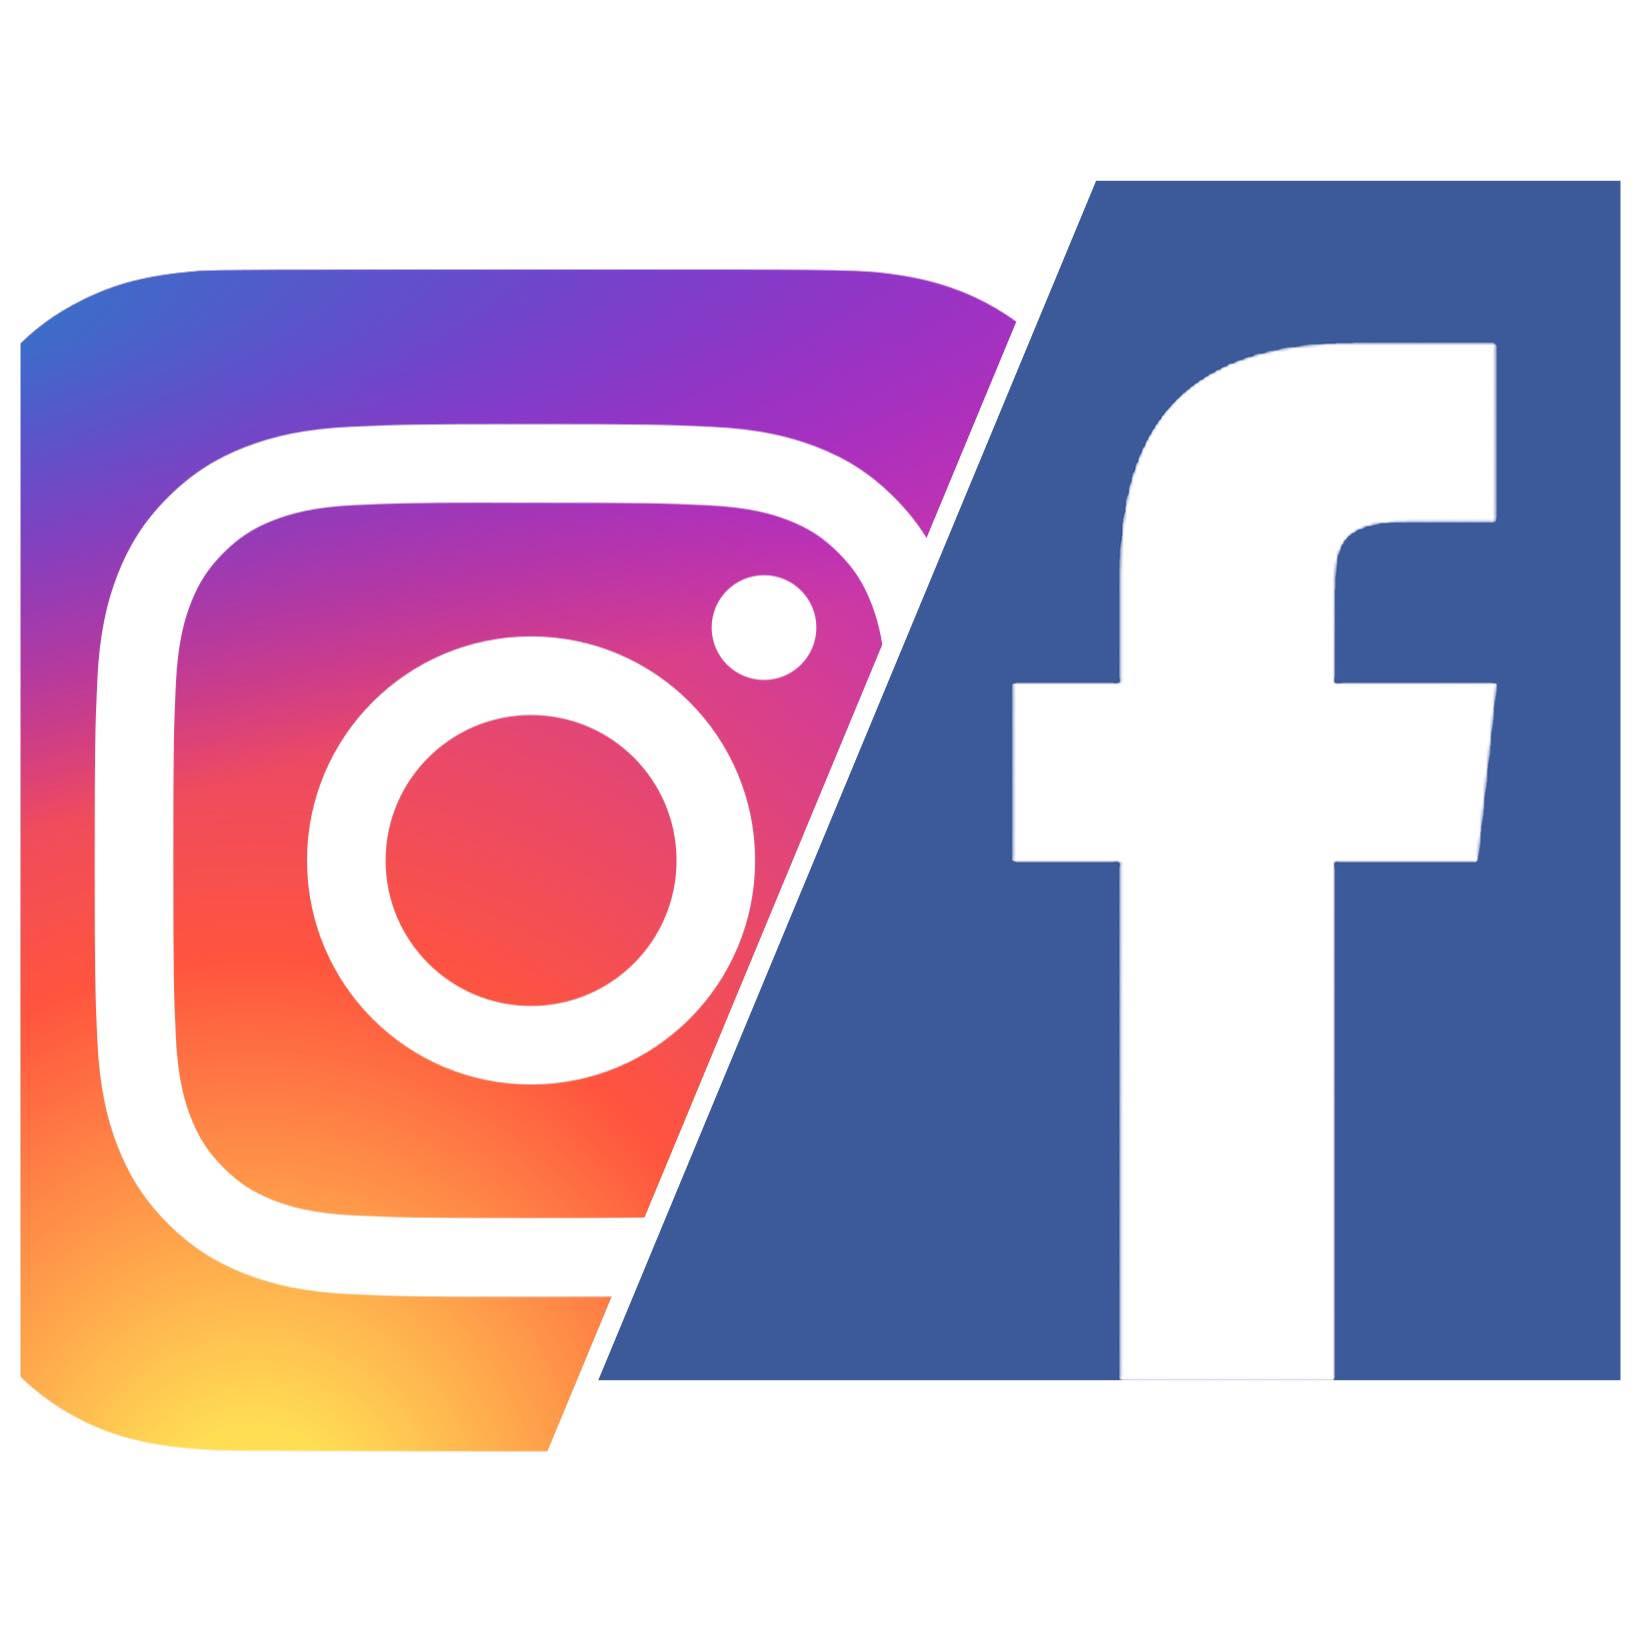 Nos réseaux sociaux - Instagram & Facebook